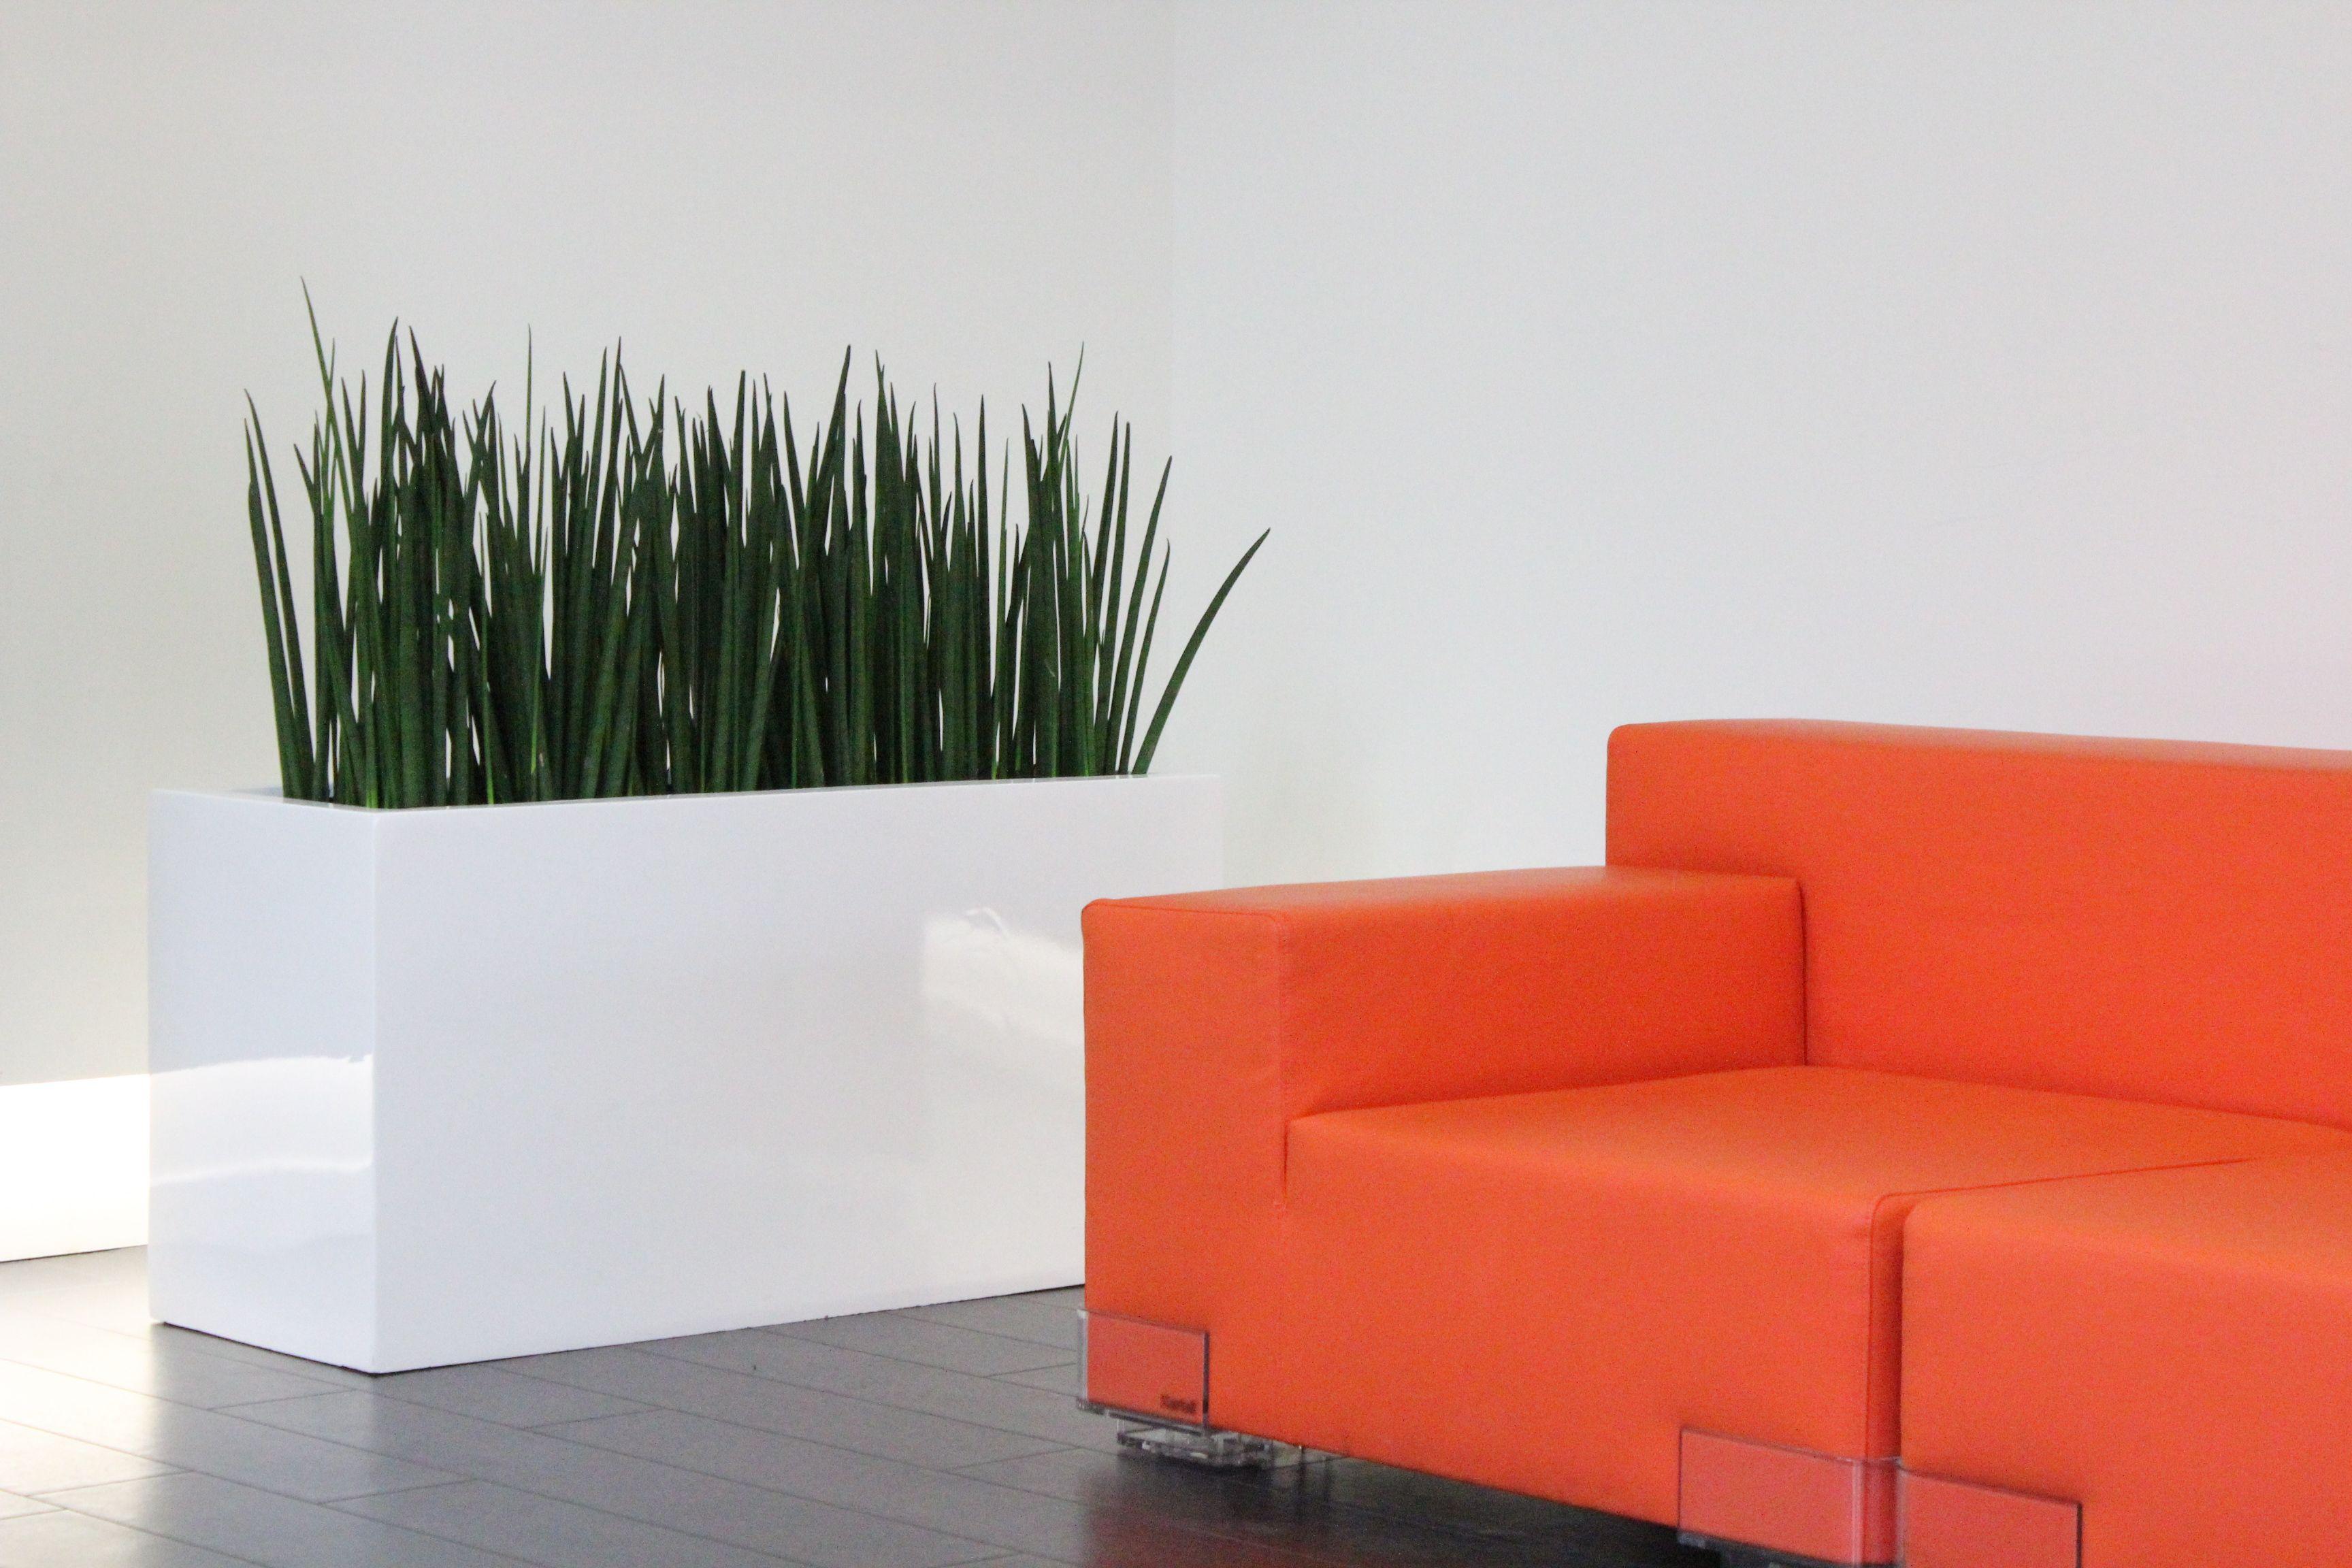 Maak van uw wachtuimte een aangename omgeving met